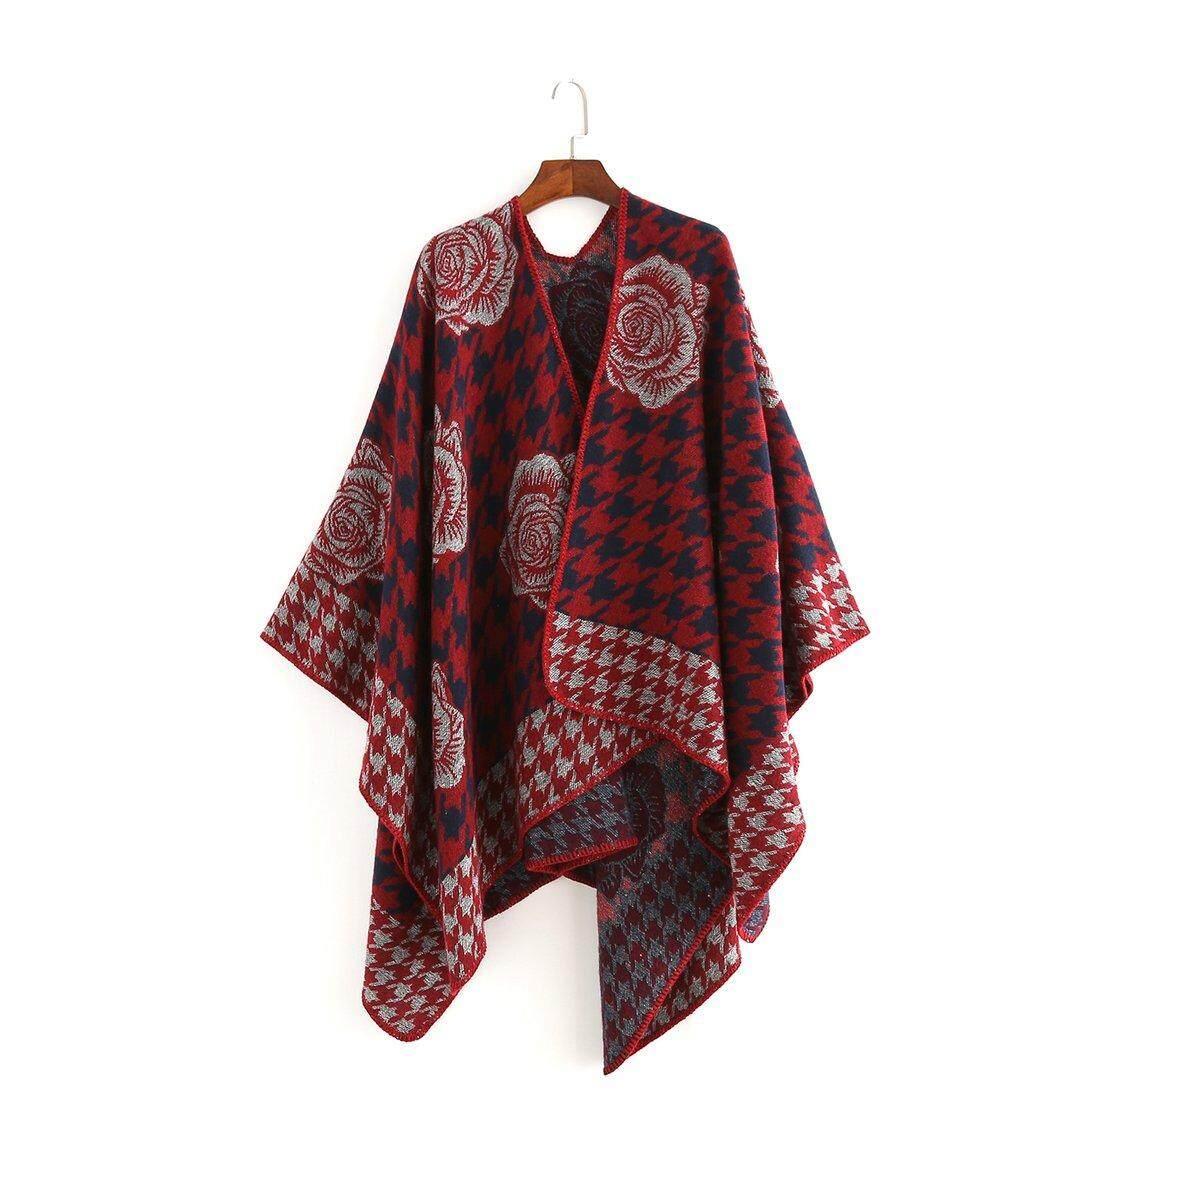 Giá bán Nóng Người Bán DP2647 Khăn Choàng Acrylic Lạnh Mùa Đông Nữ Tặng Nữ Nữ Thời Trang Hiện Nay